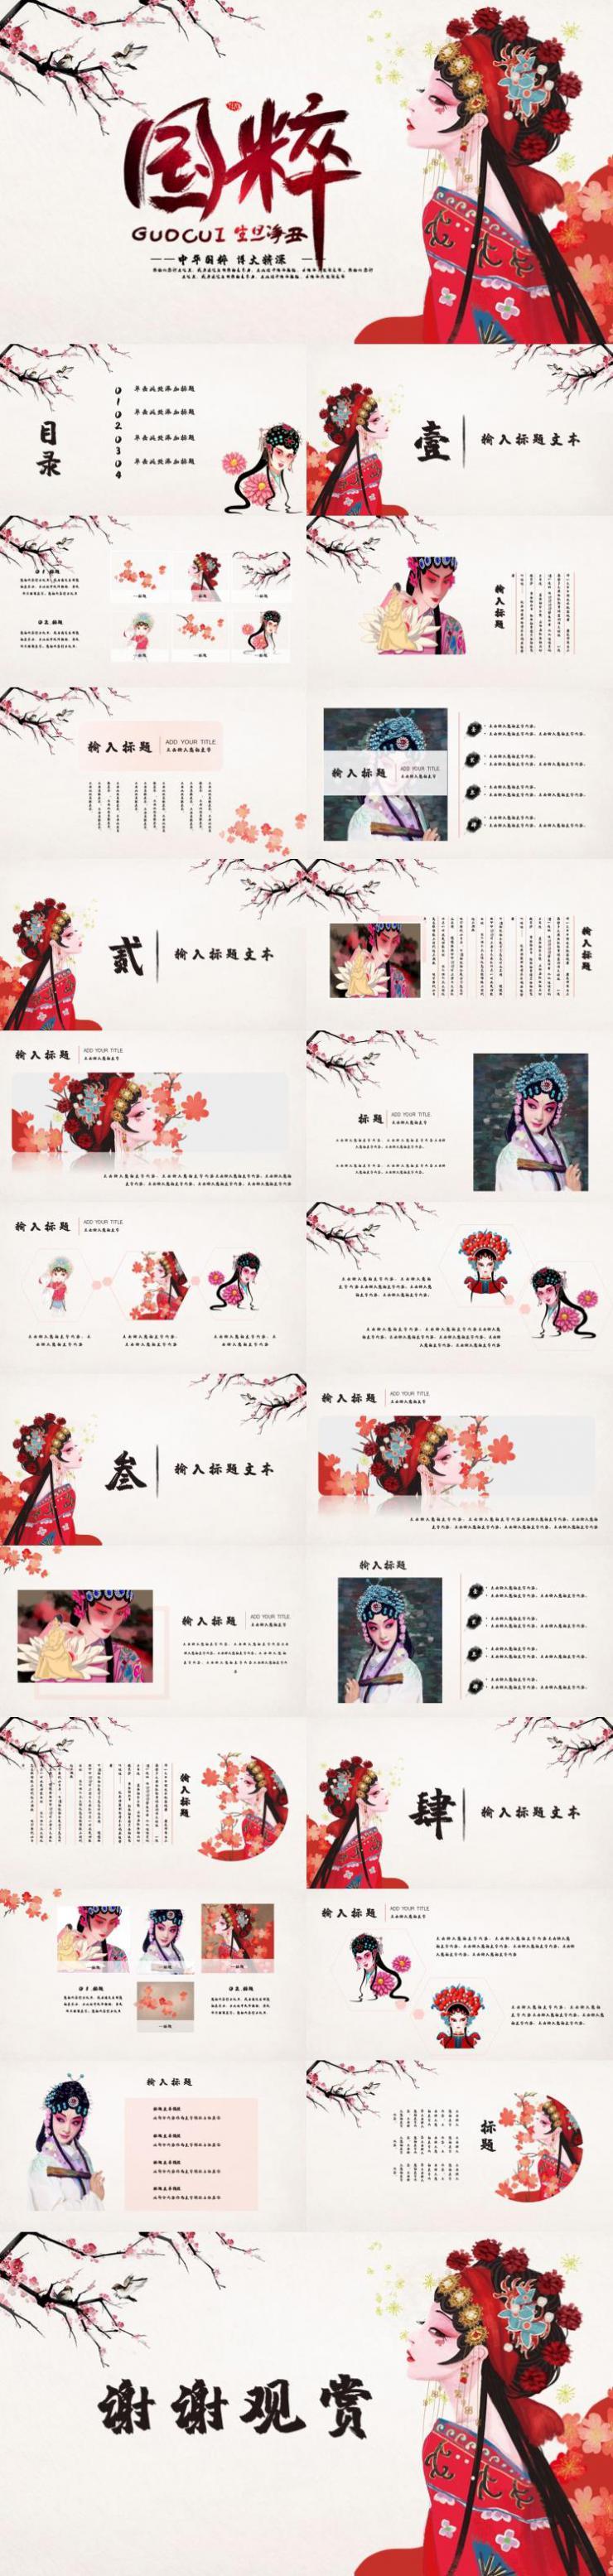 国粹文化戏曲戏剧中国风PPT模板